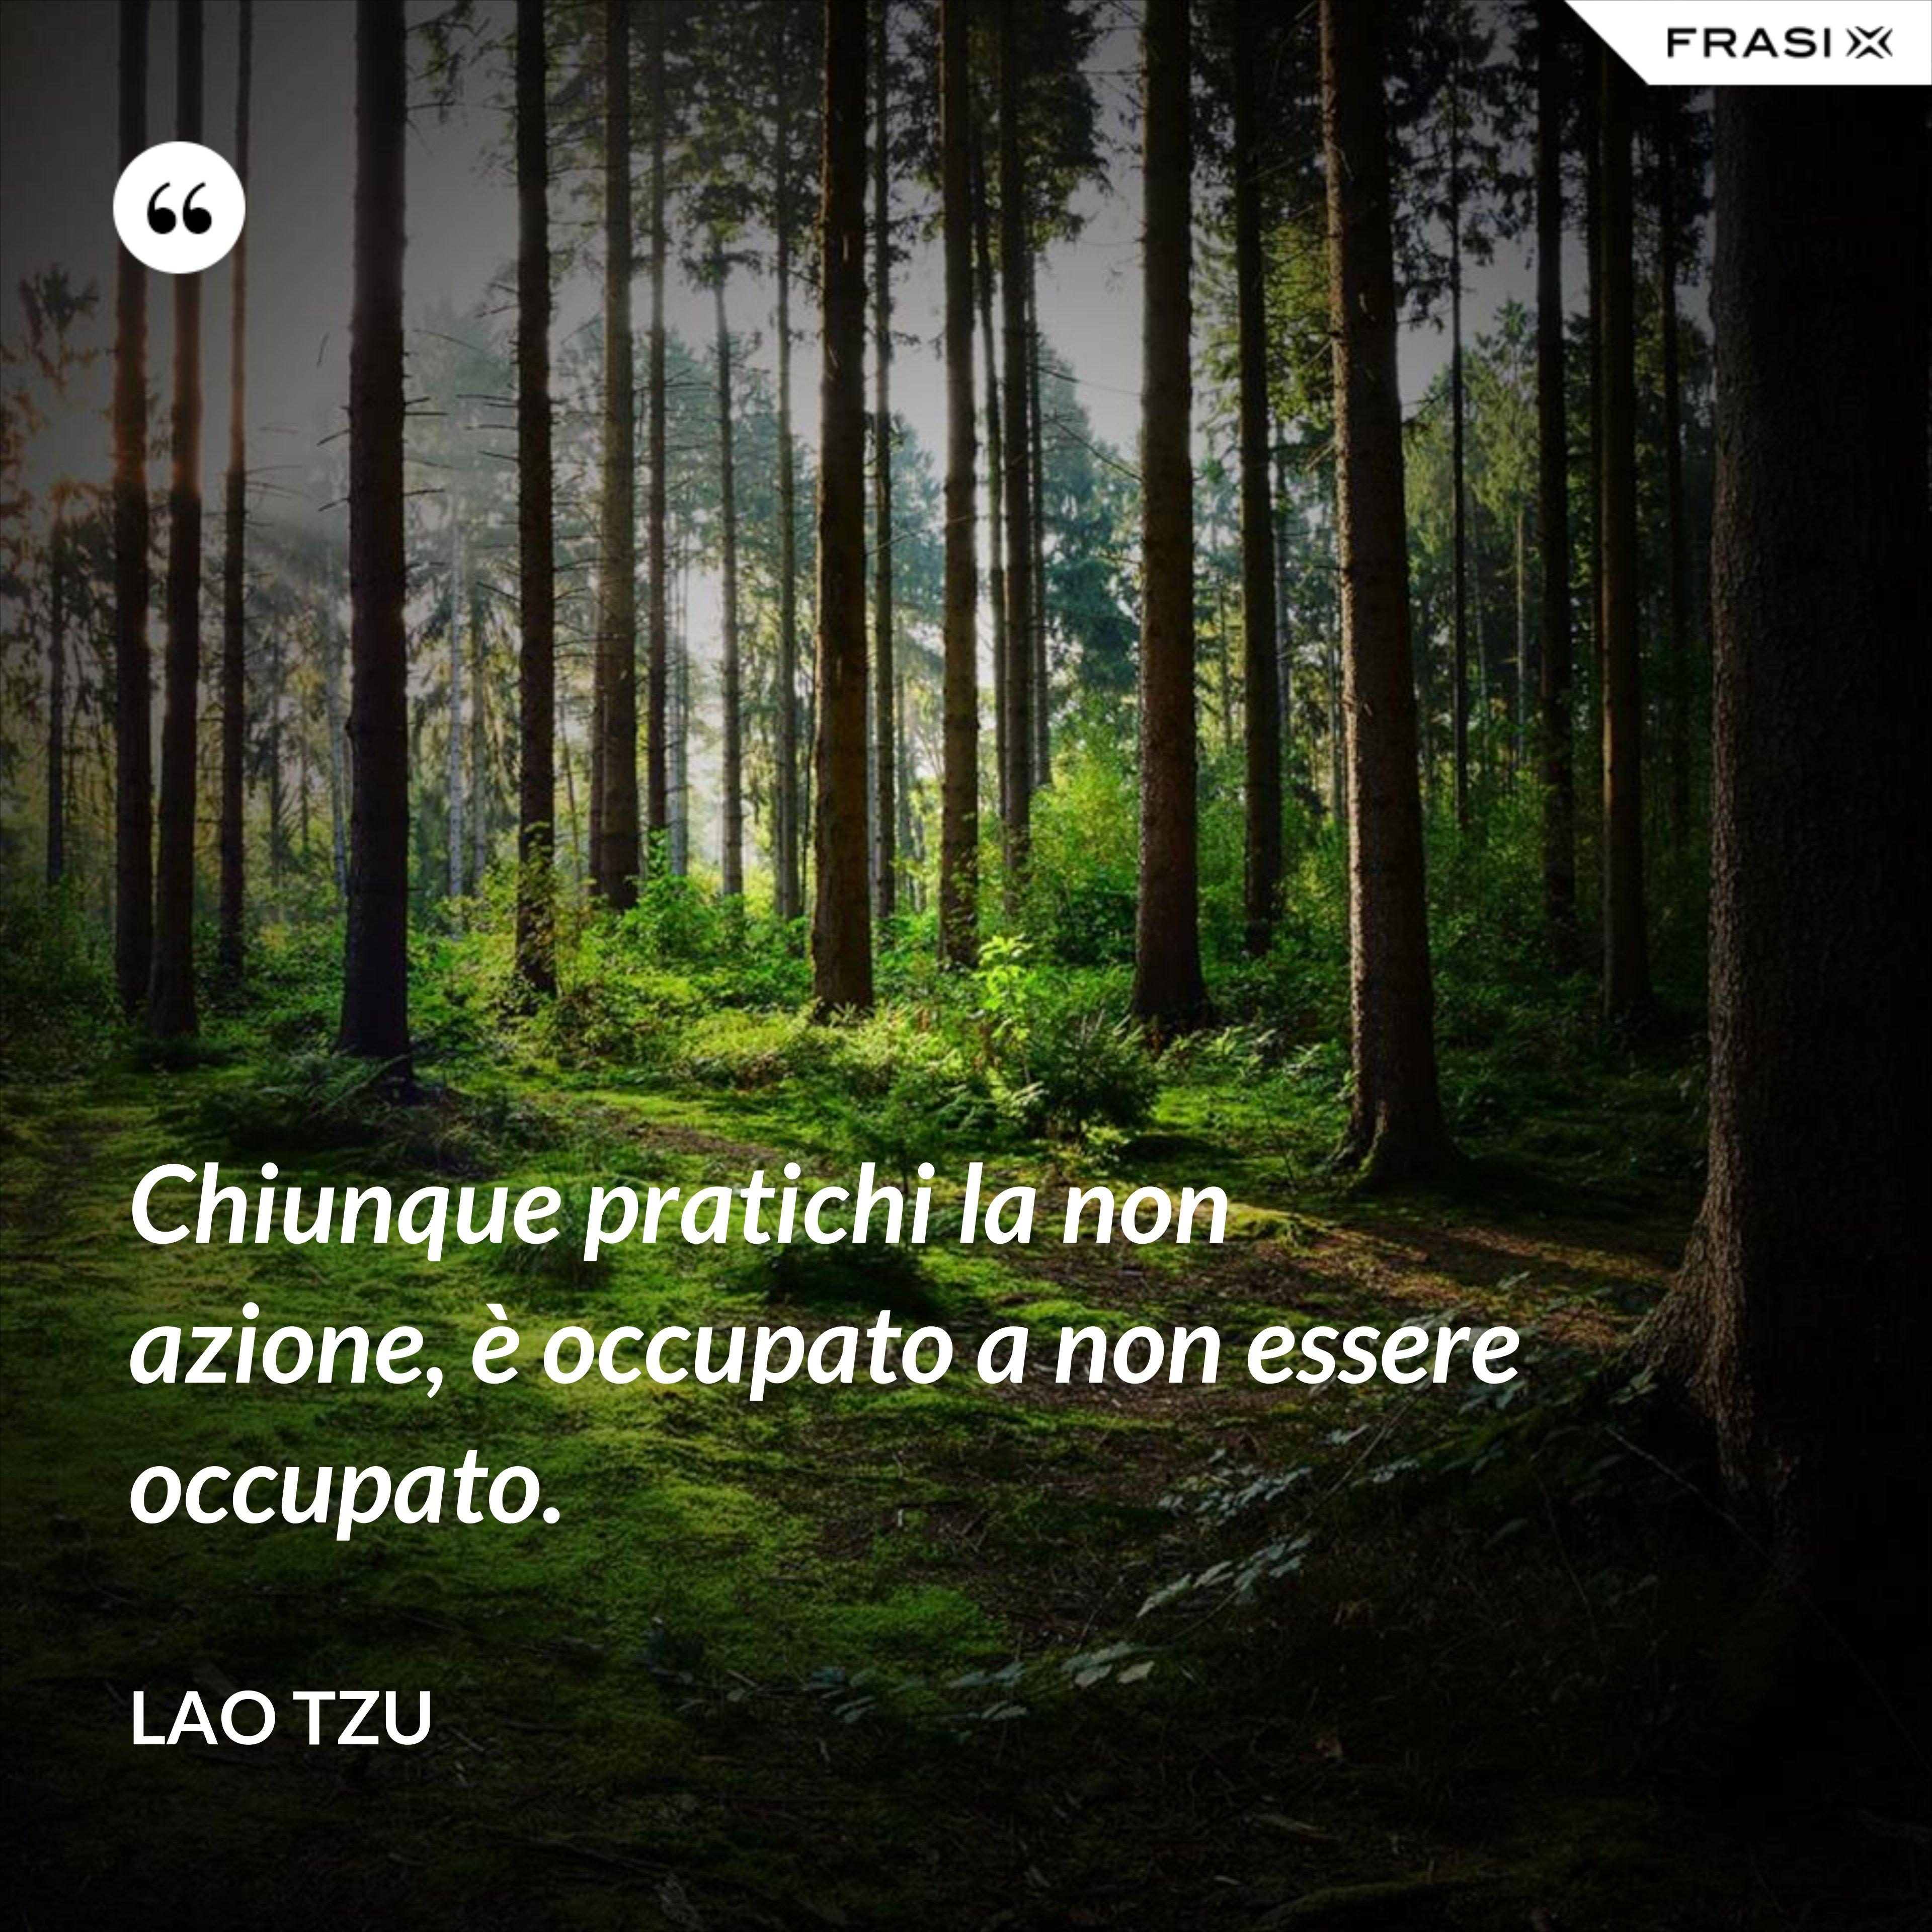 Chiunque pratichi la non azione, è occupato a non essere occupato. - Lao Tzu